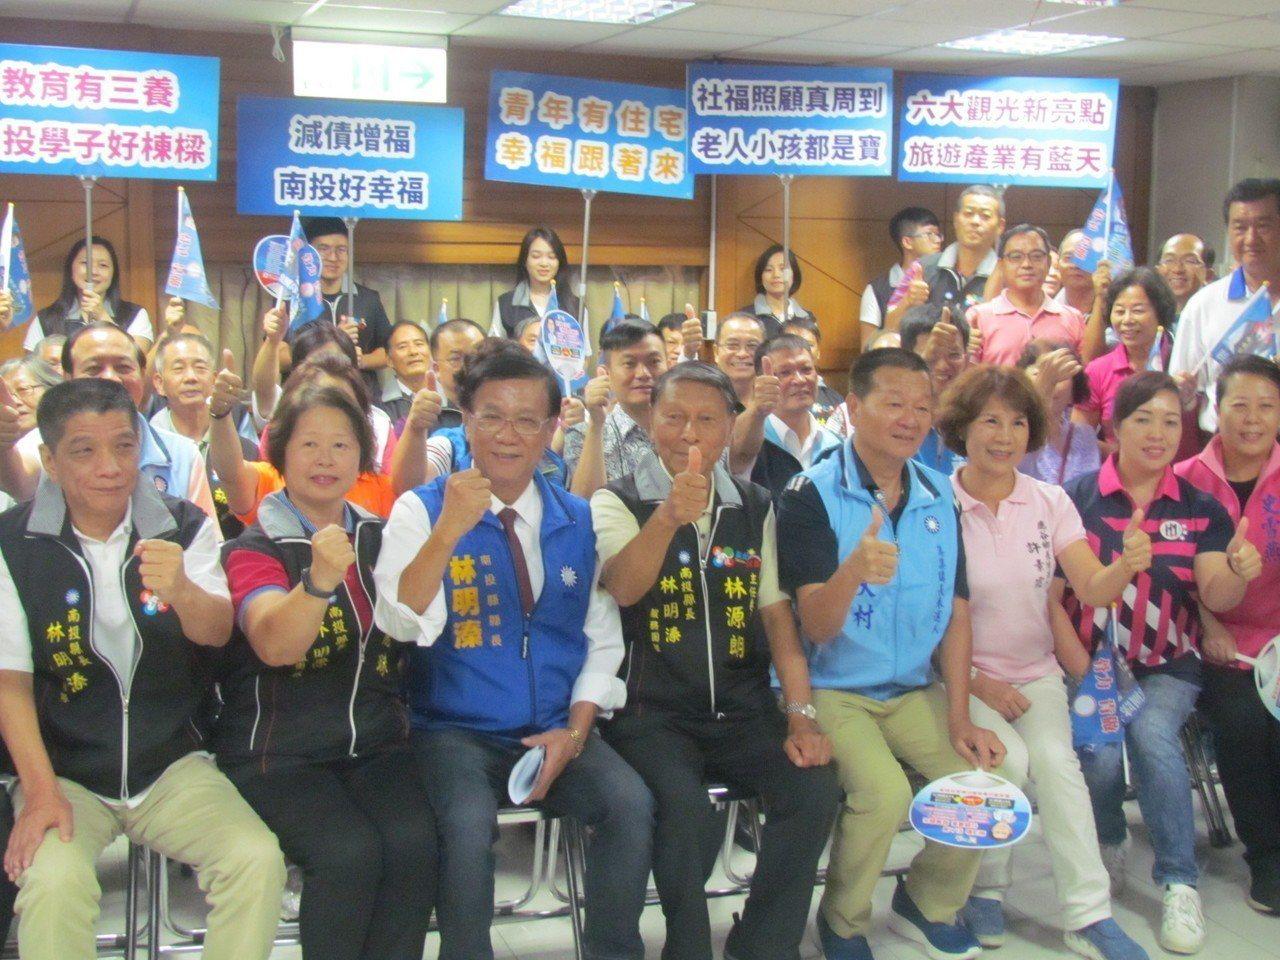 南投縣長林明溱(左三)完成登記後,和支持高喊「凍蒜」。記者張家樂/攝影